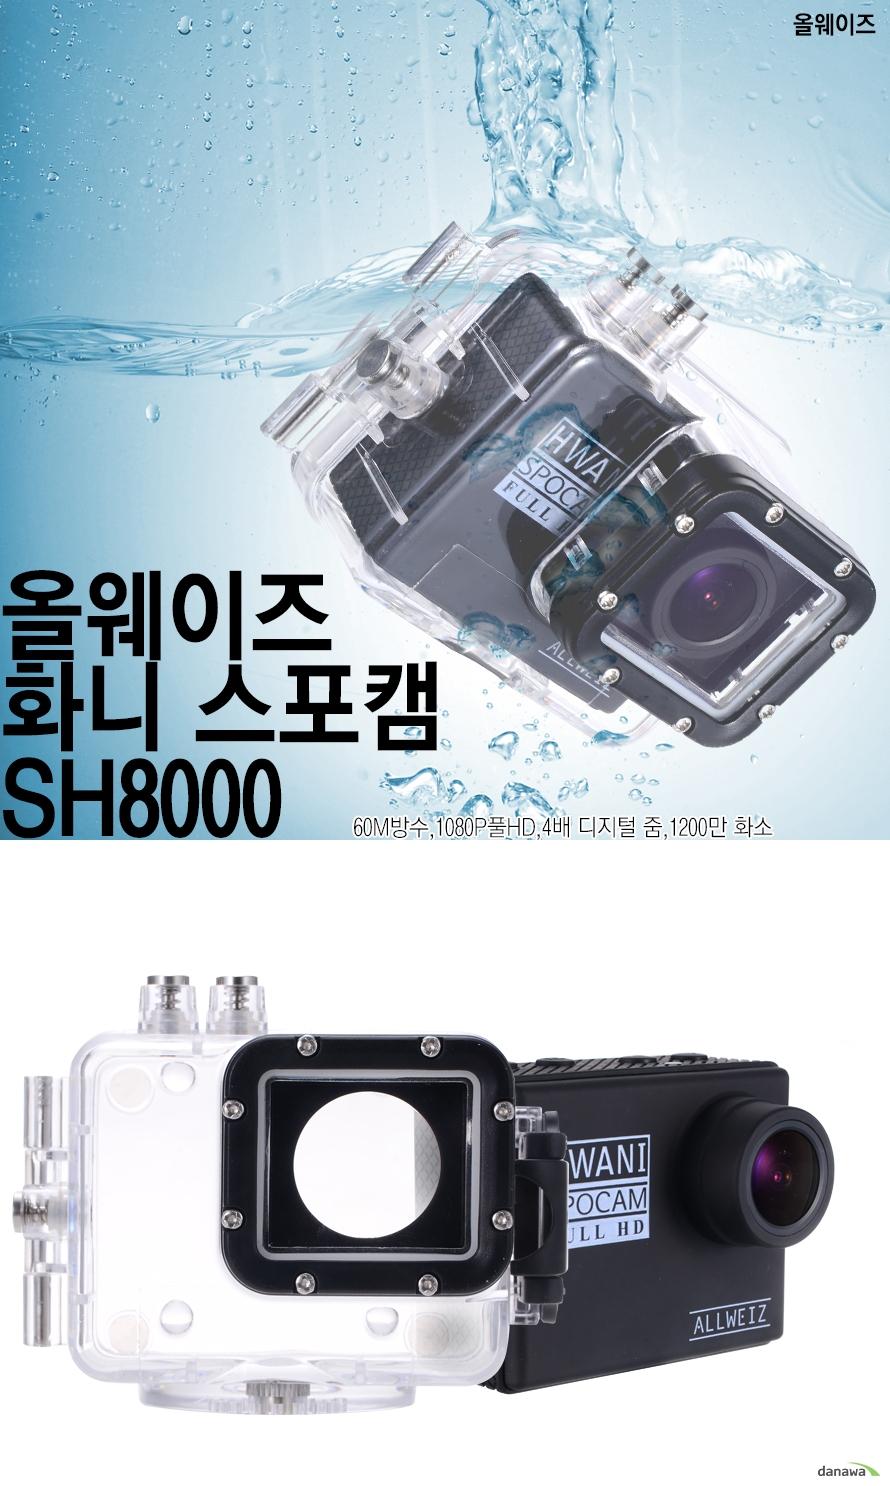 올웨이즈 화니 스포캠 SH8000